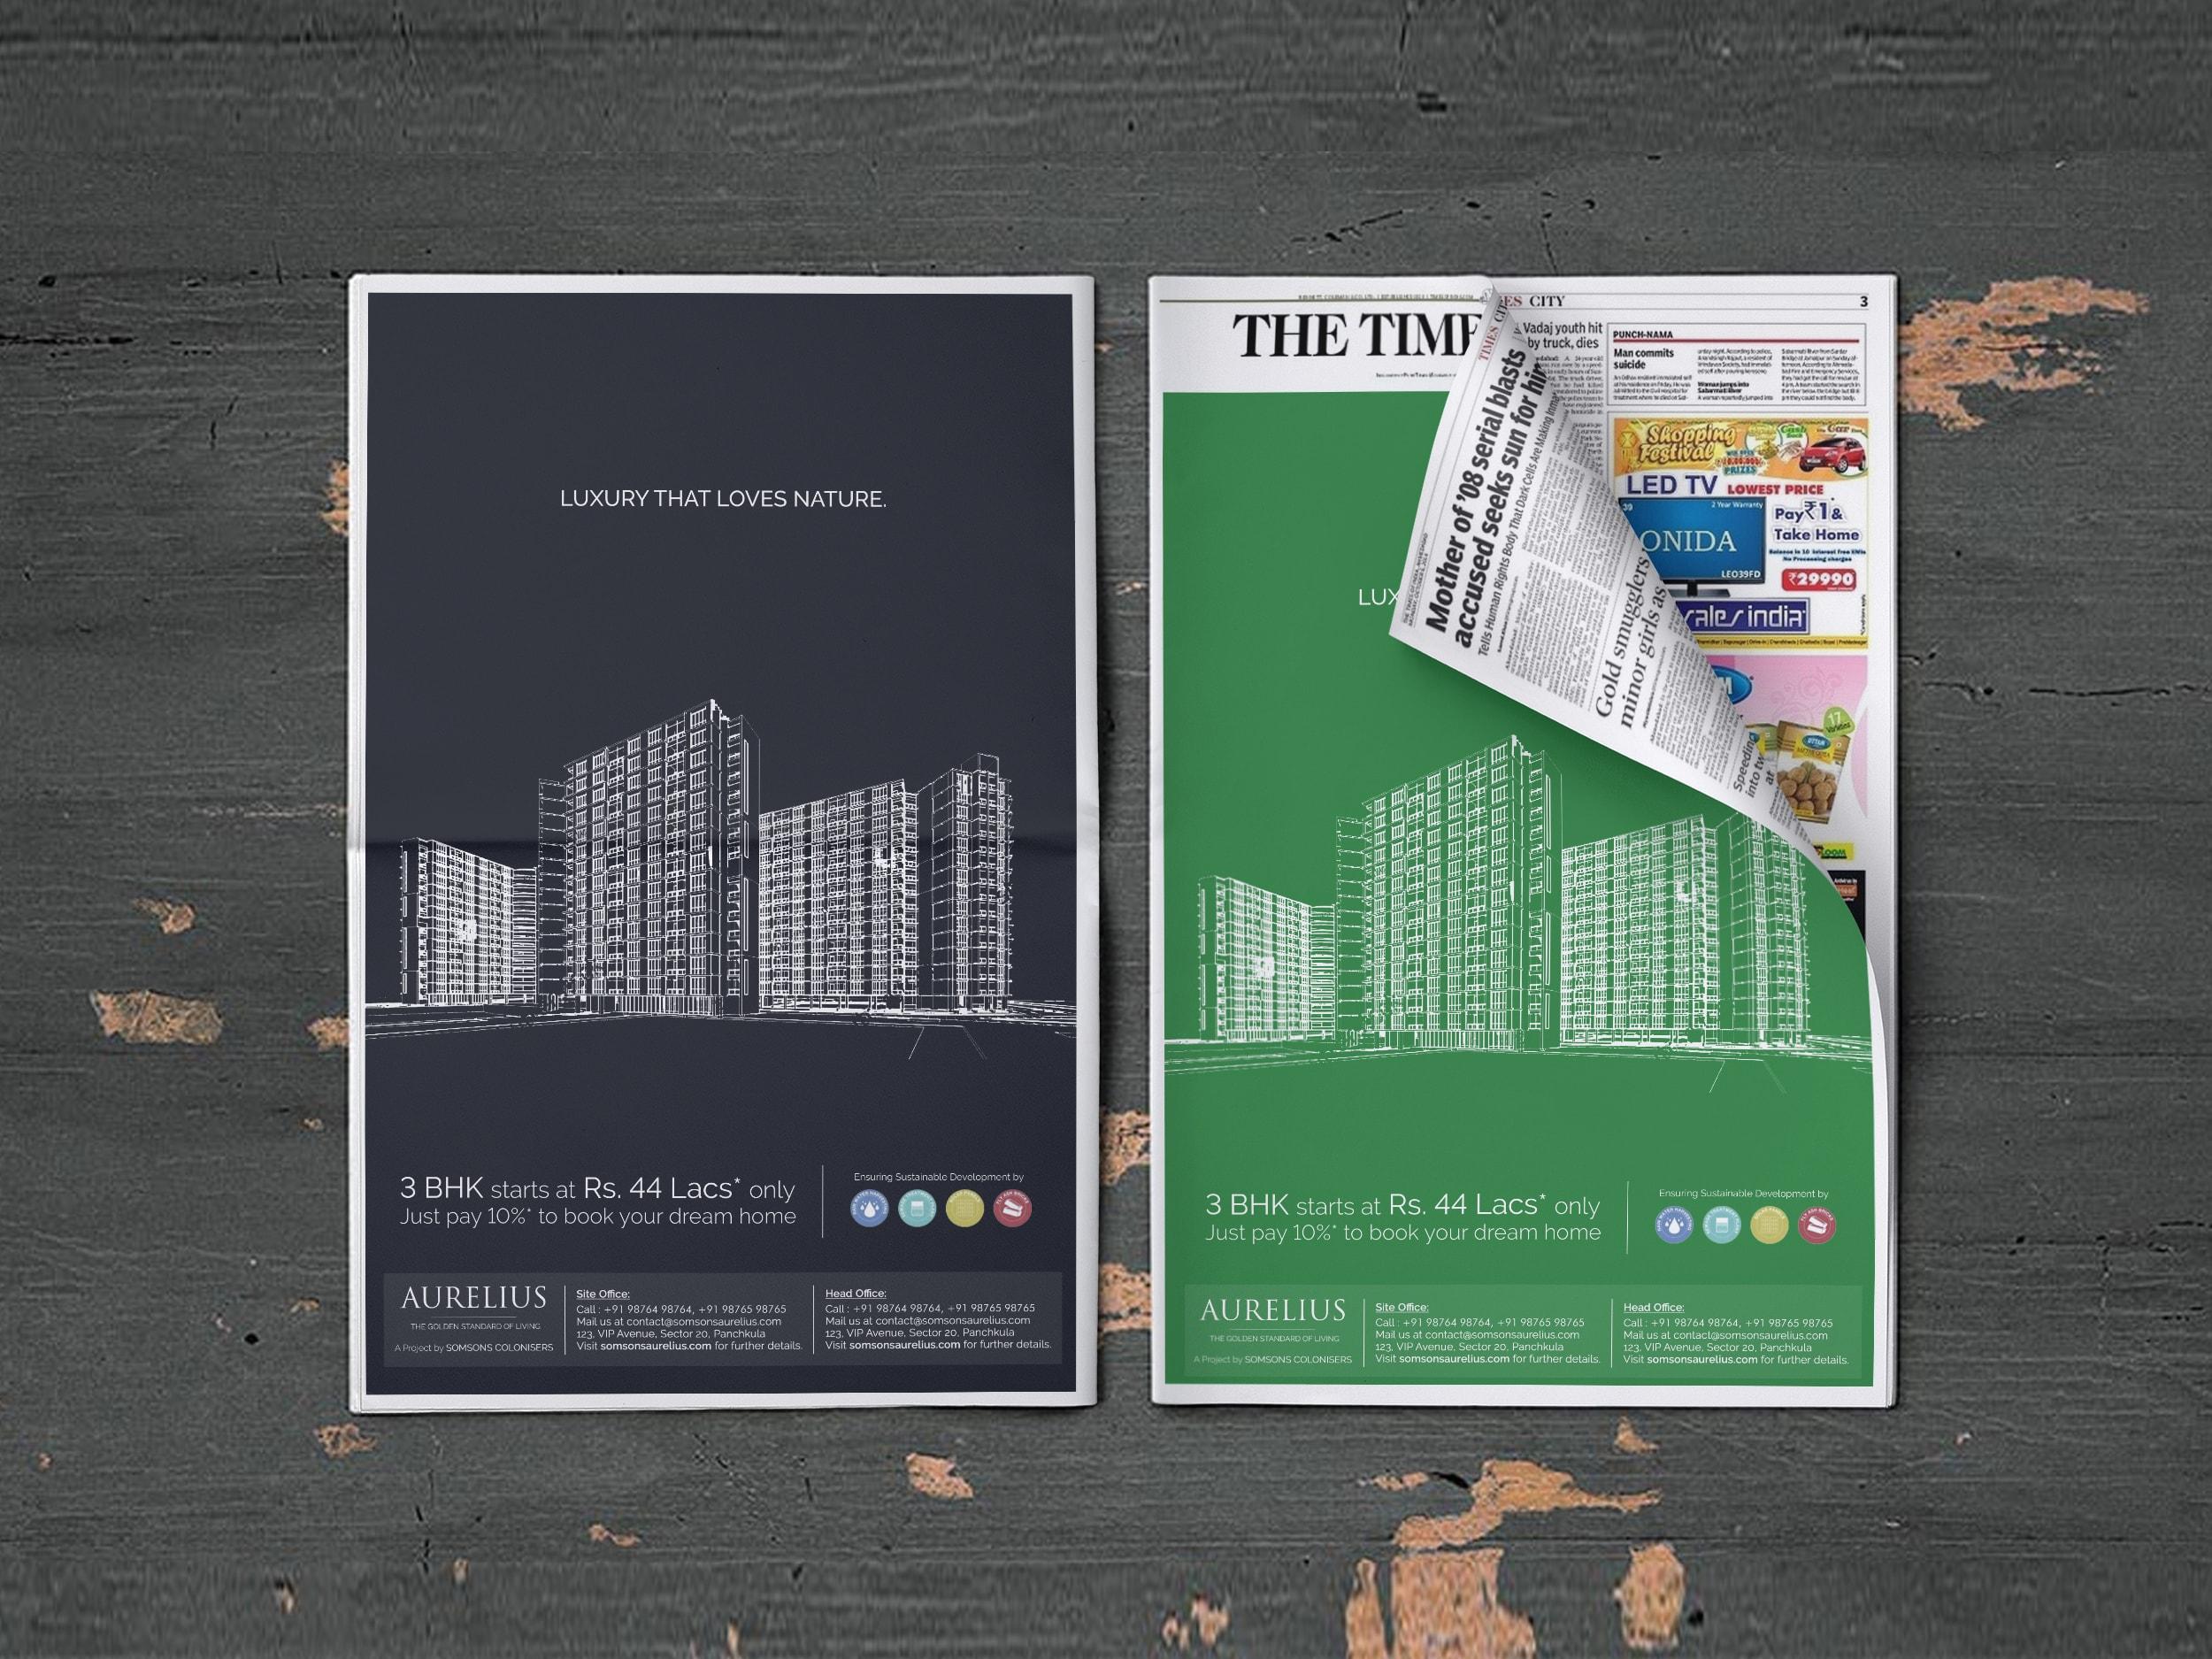 aurelius-real-estate-branding-design-literature-2